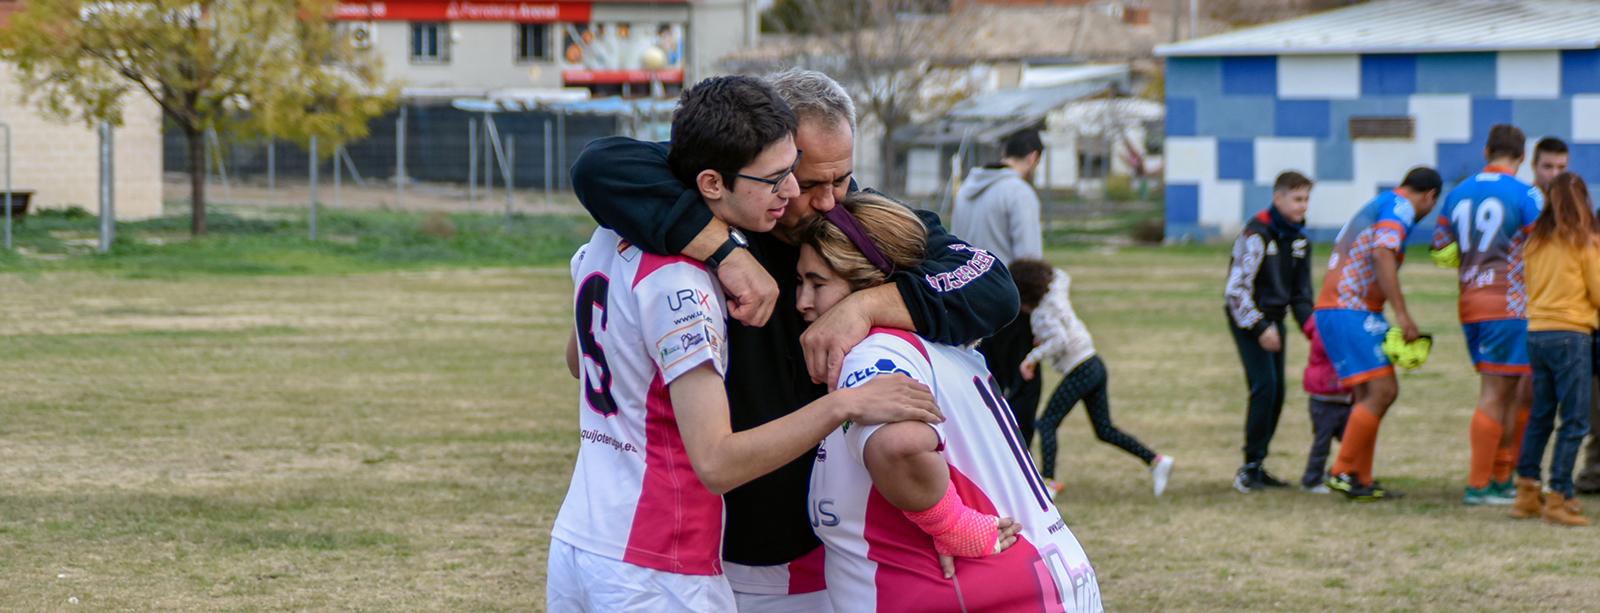 Jornadas de Rugby Inclusivo por el Día Internacional de las Personas con Discapacidad: absoluto éxito de la convocatoria del Quijote RC